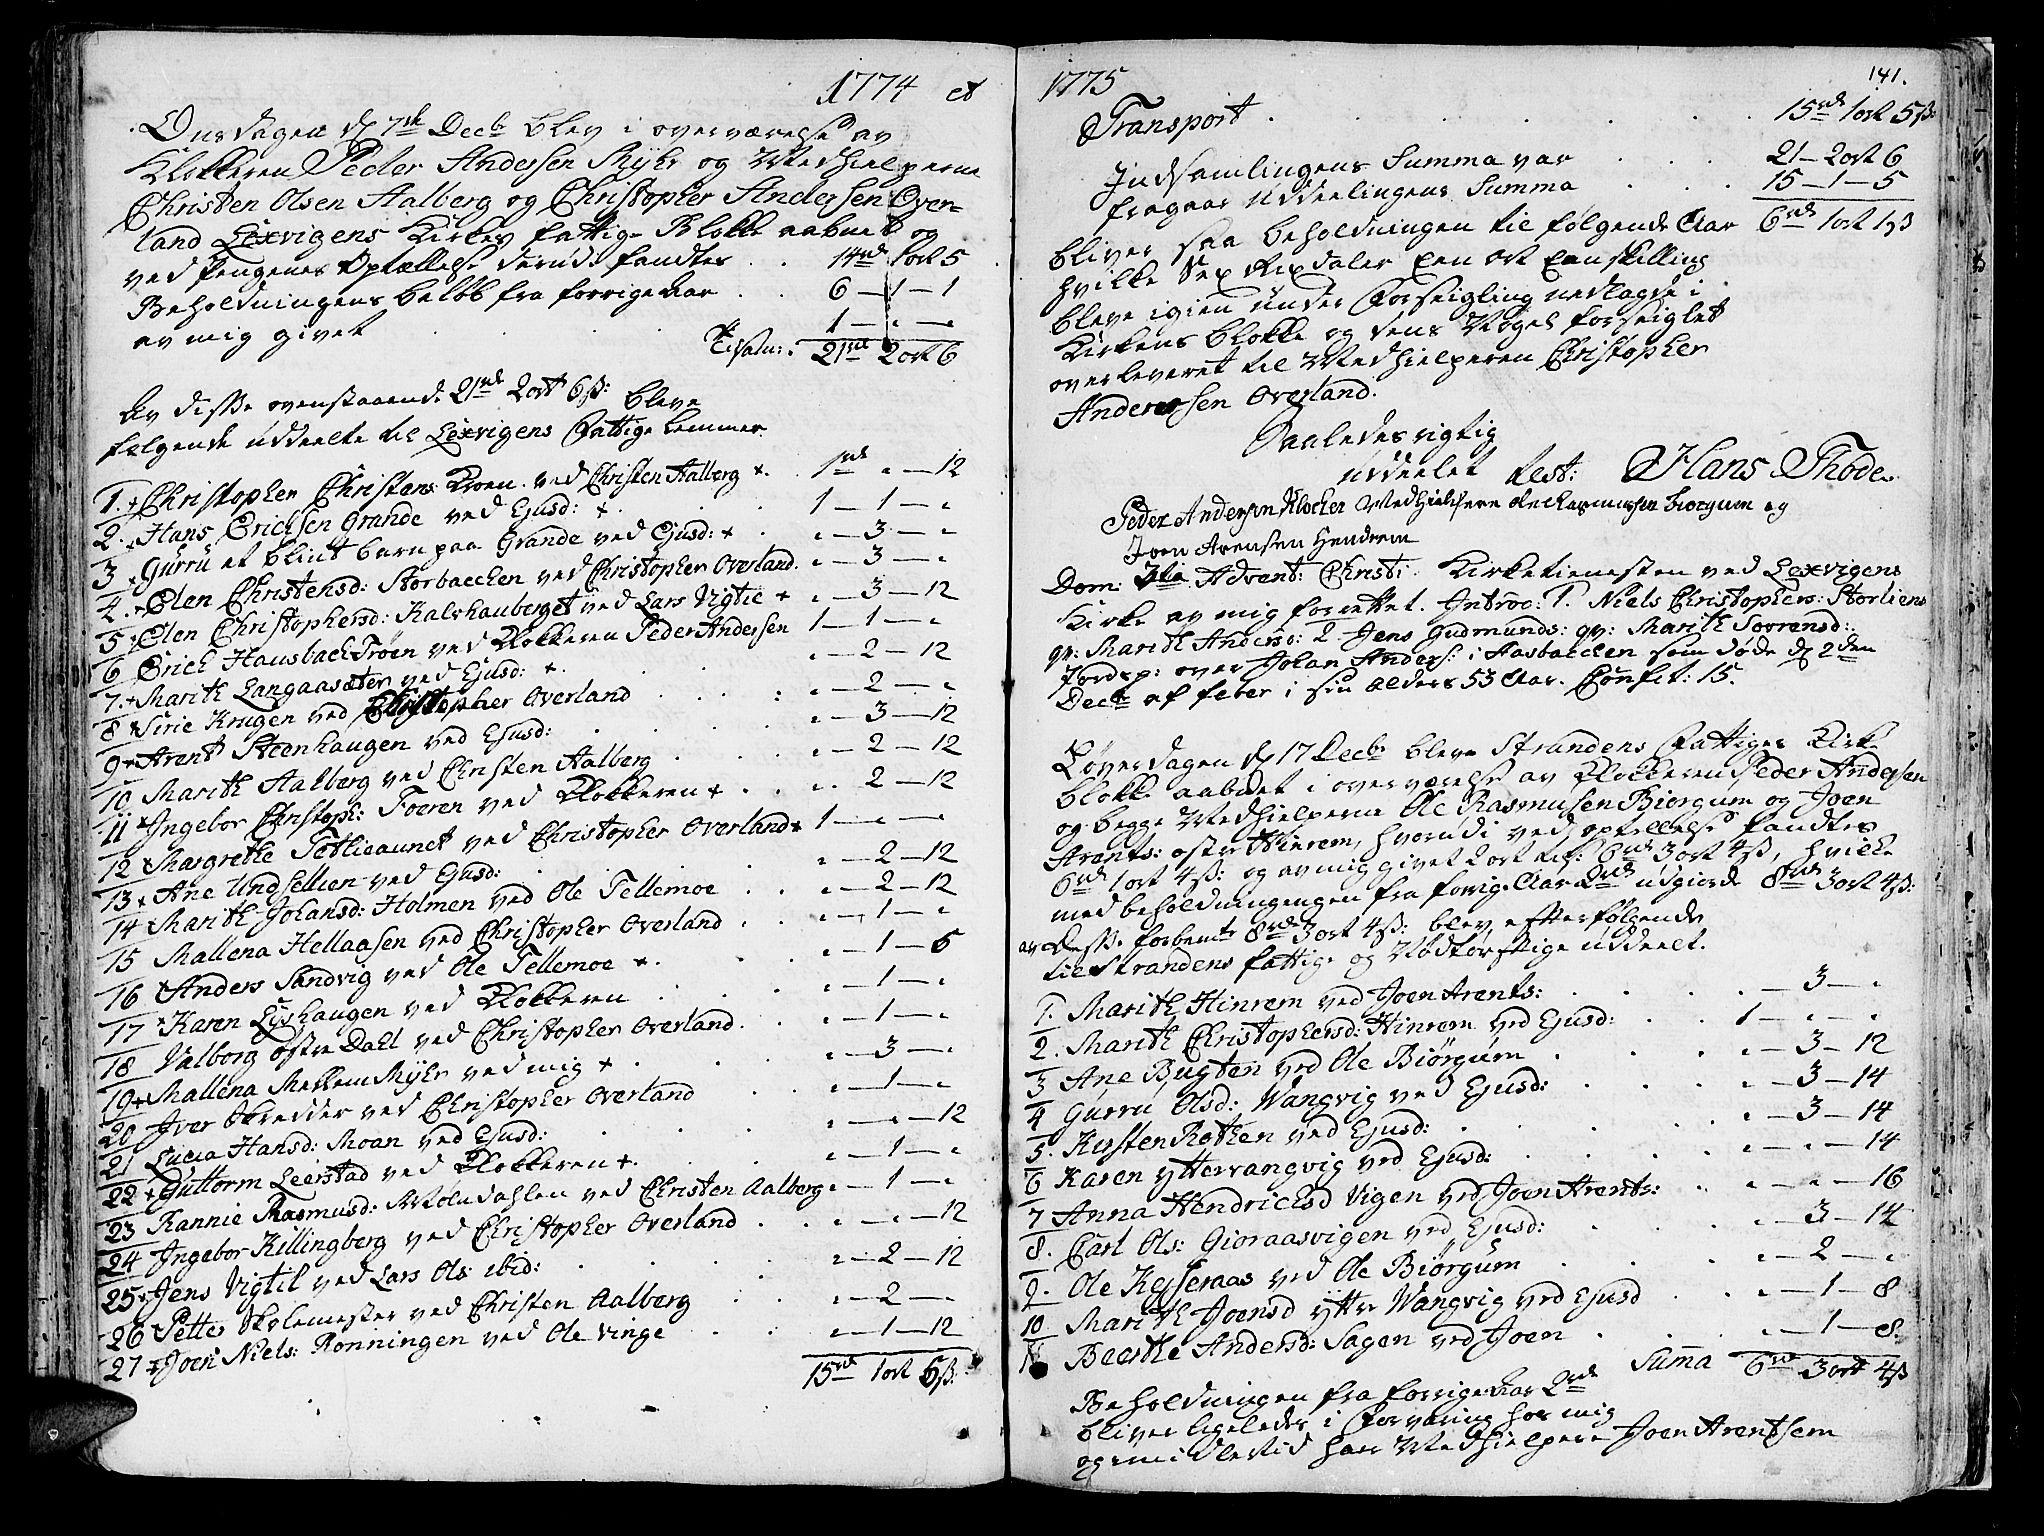 SAT, Ministerialprotokoller, klokkerbøker og fødselsregistre - Nord-Trøndelag, 701/L0003: Ministerialbok nr. 701A03, 1751-1783, s. 141